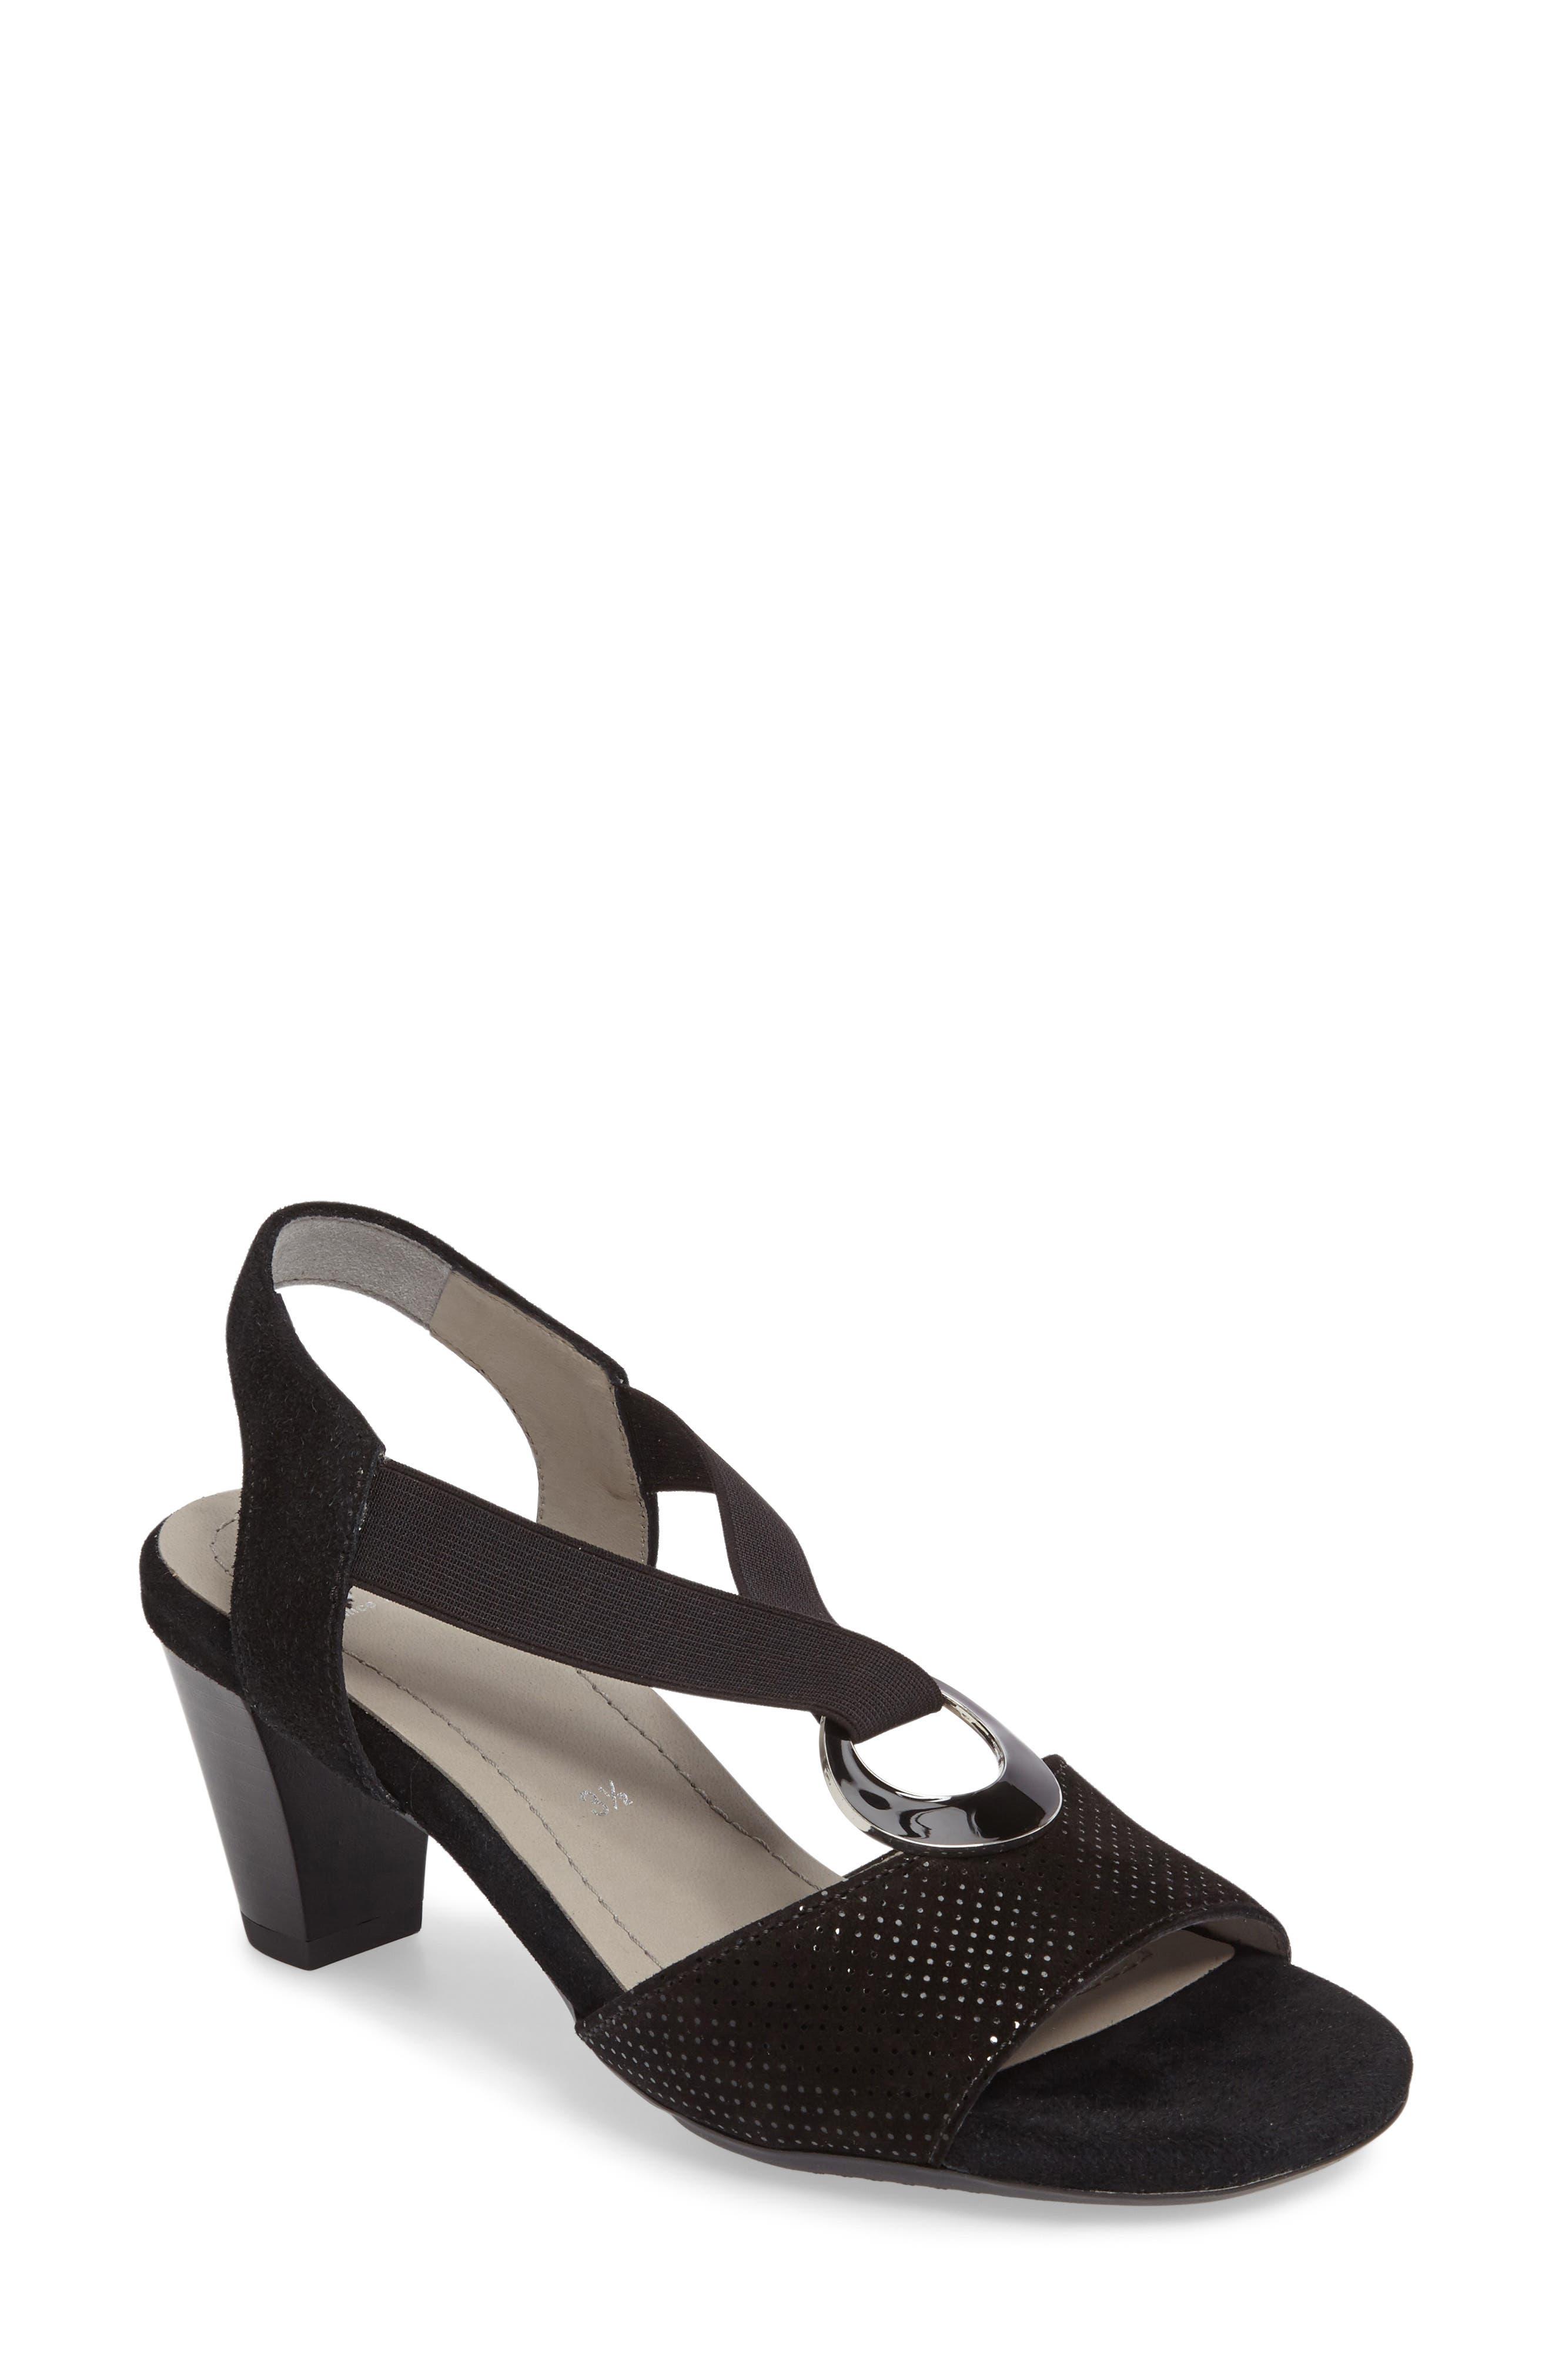 Raizel Sandal,                         Main,                         color, BLACK SUEDE